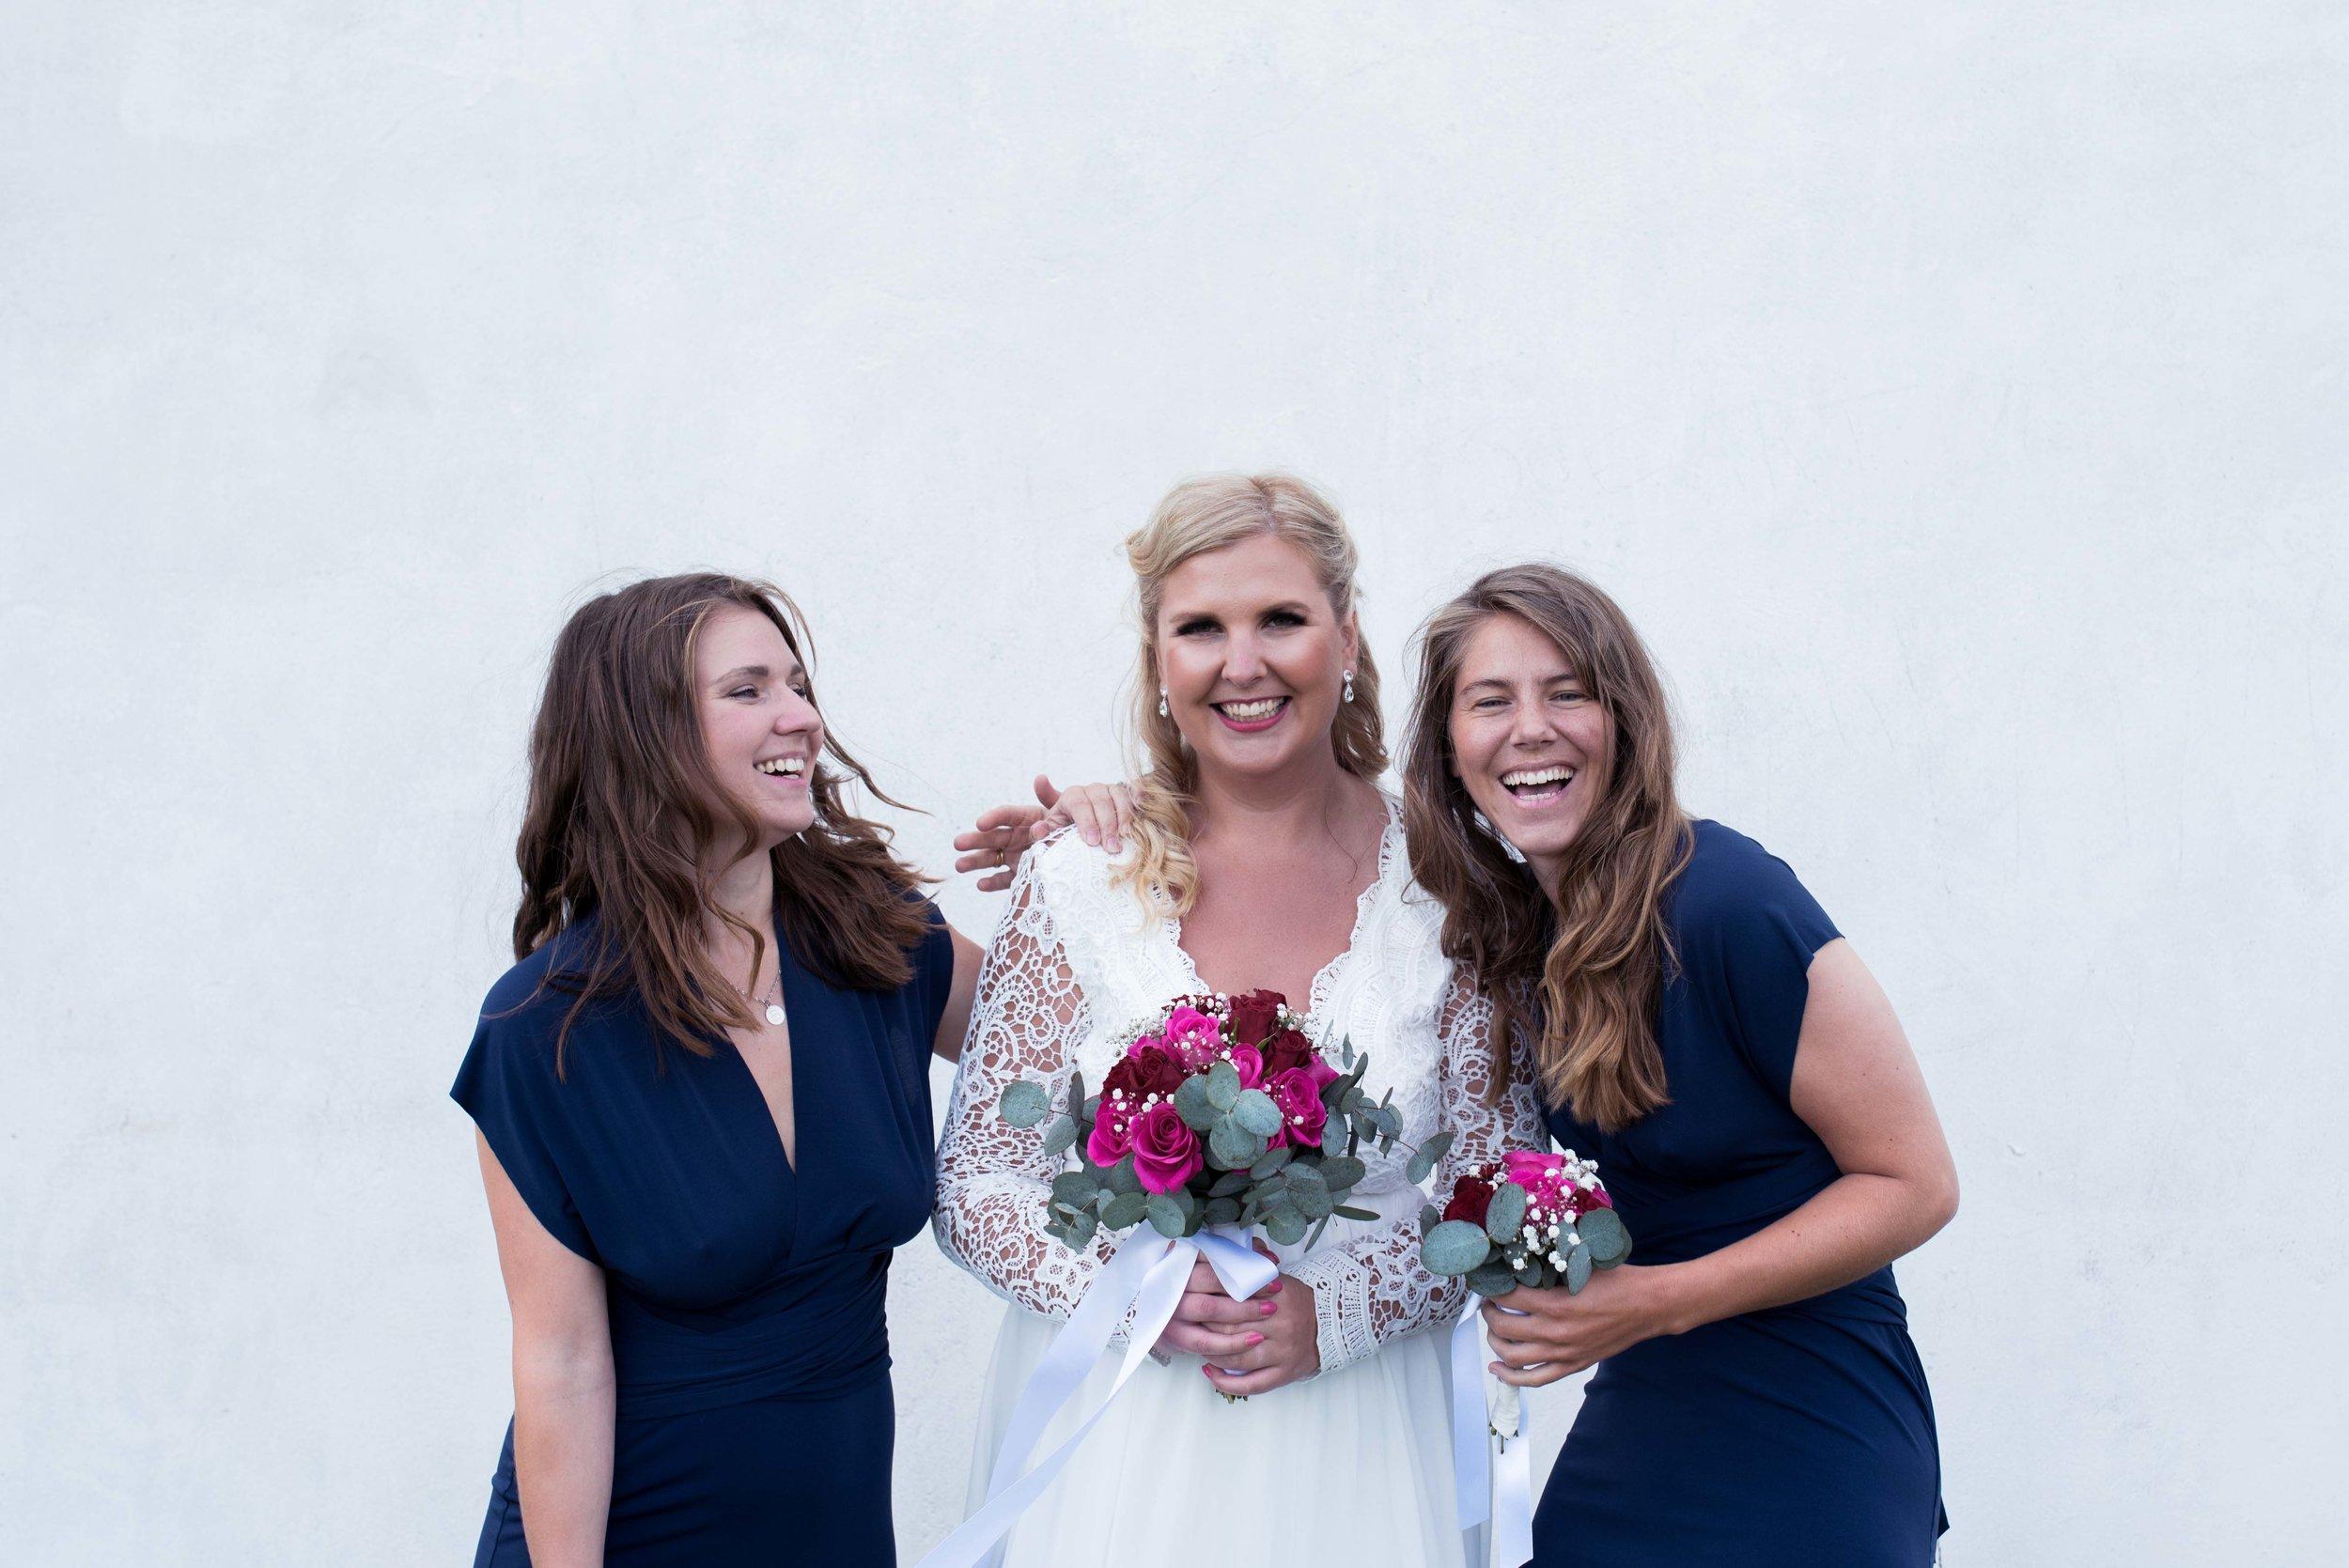 Bröllop2019lågkvall-5163.jpg